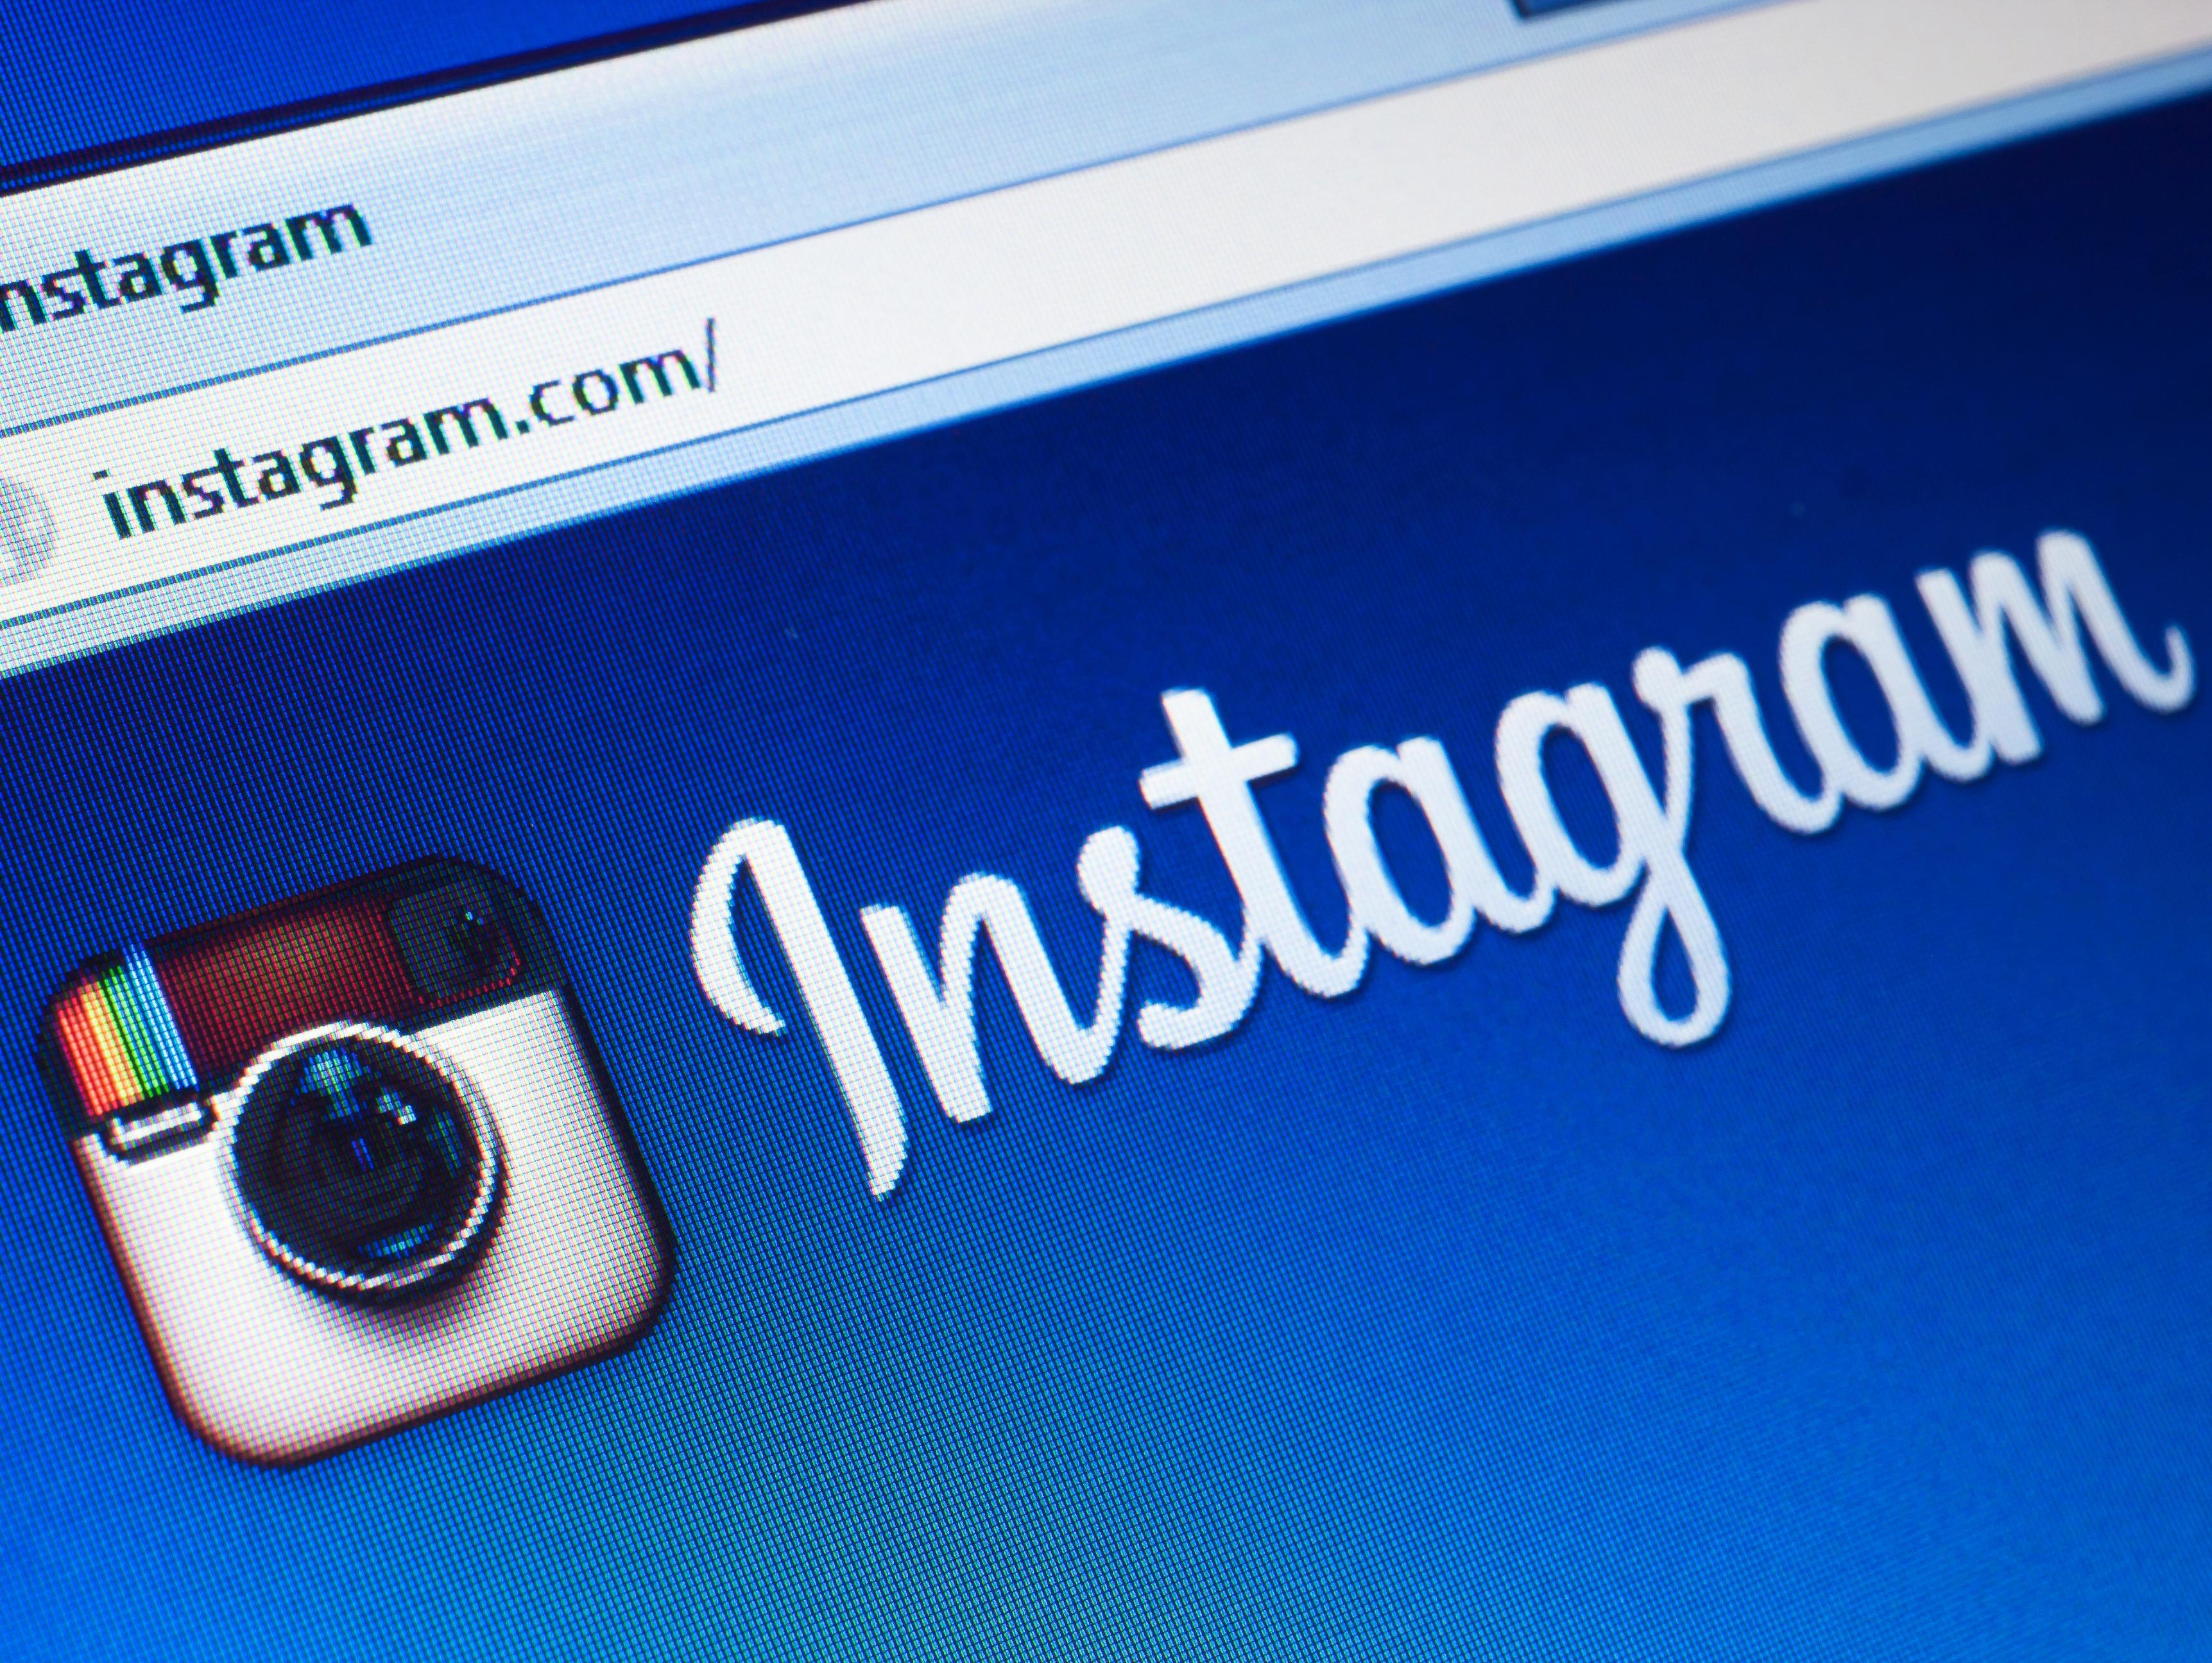 להתראות צוקרברג: מייסדי אינסטגרם עוזבים את פייסבוק